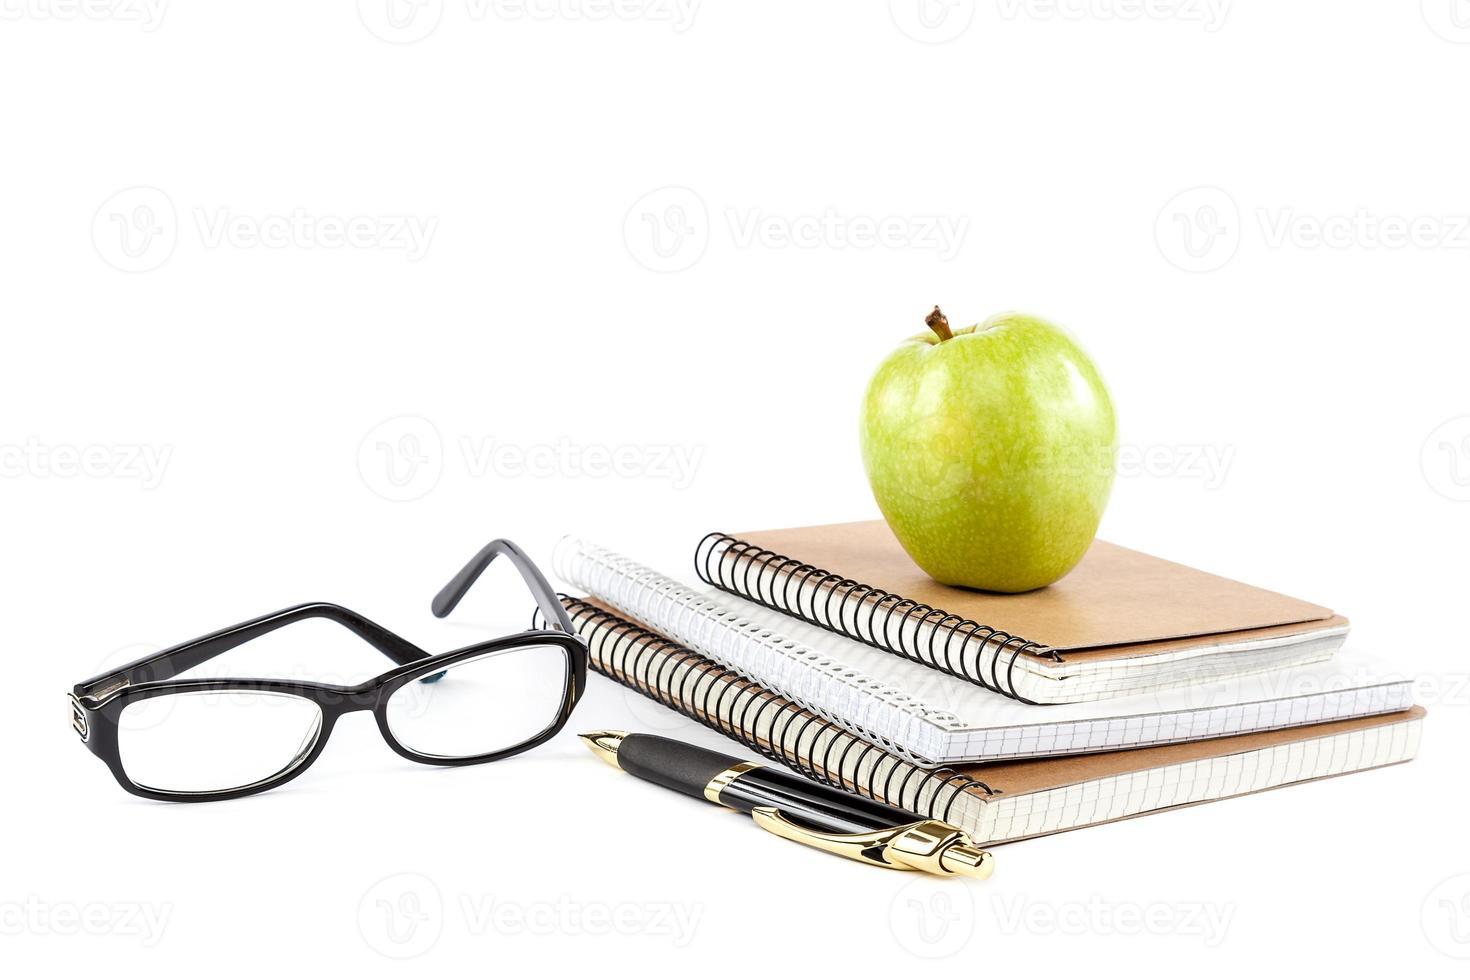 Stapeln Sie stilvolles Notizbuch, Stift und Brille. Büro- oder Schulzubehör foto